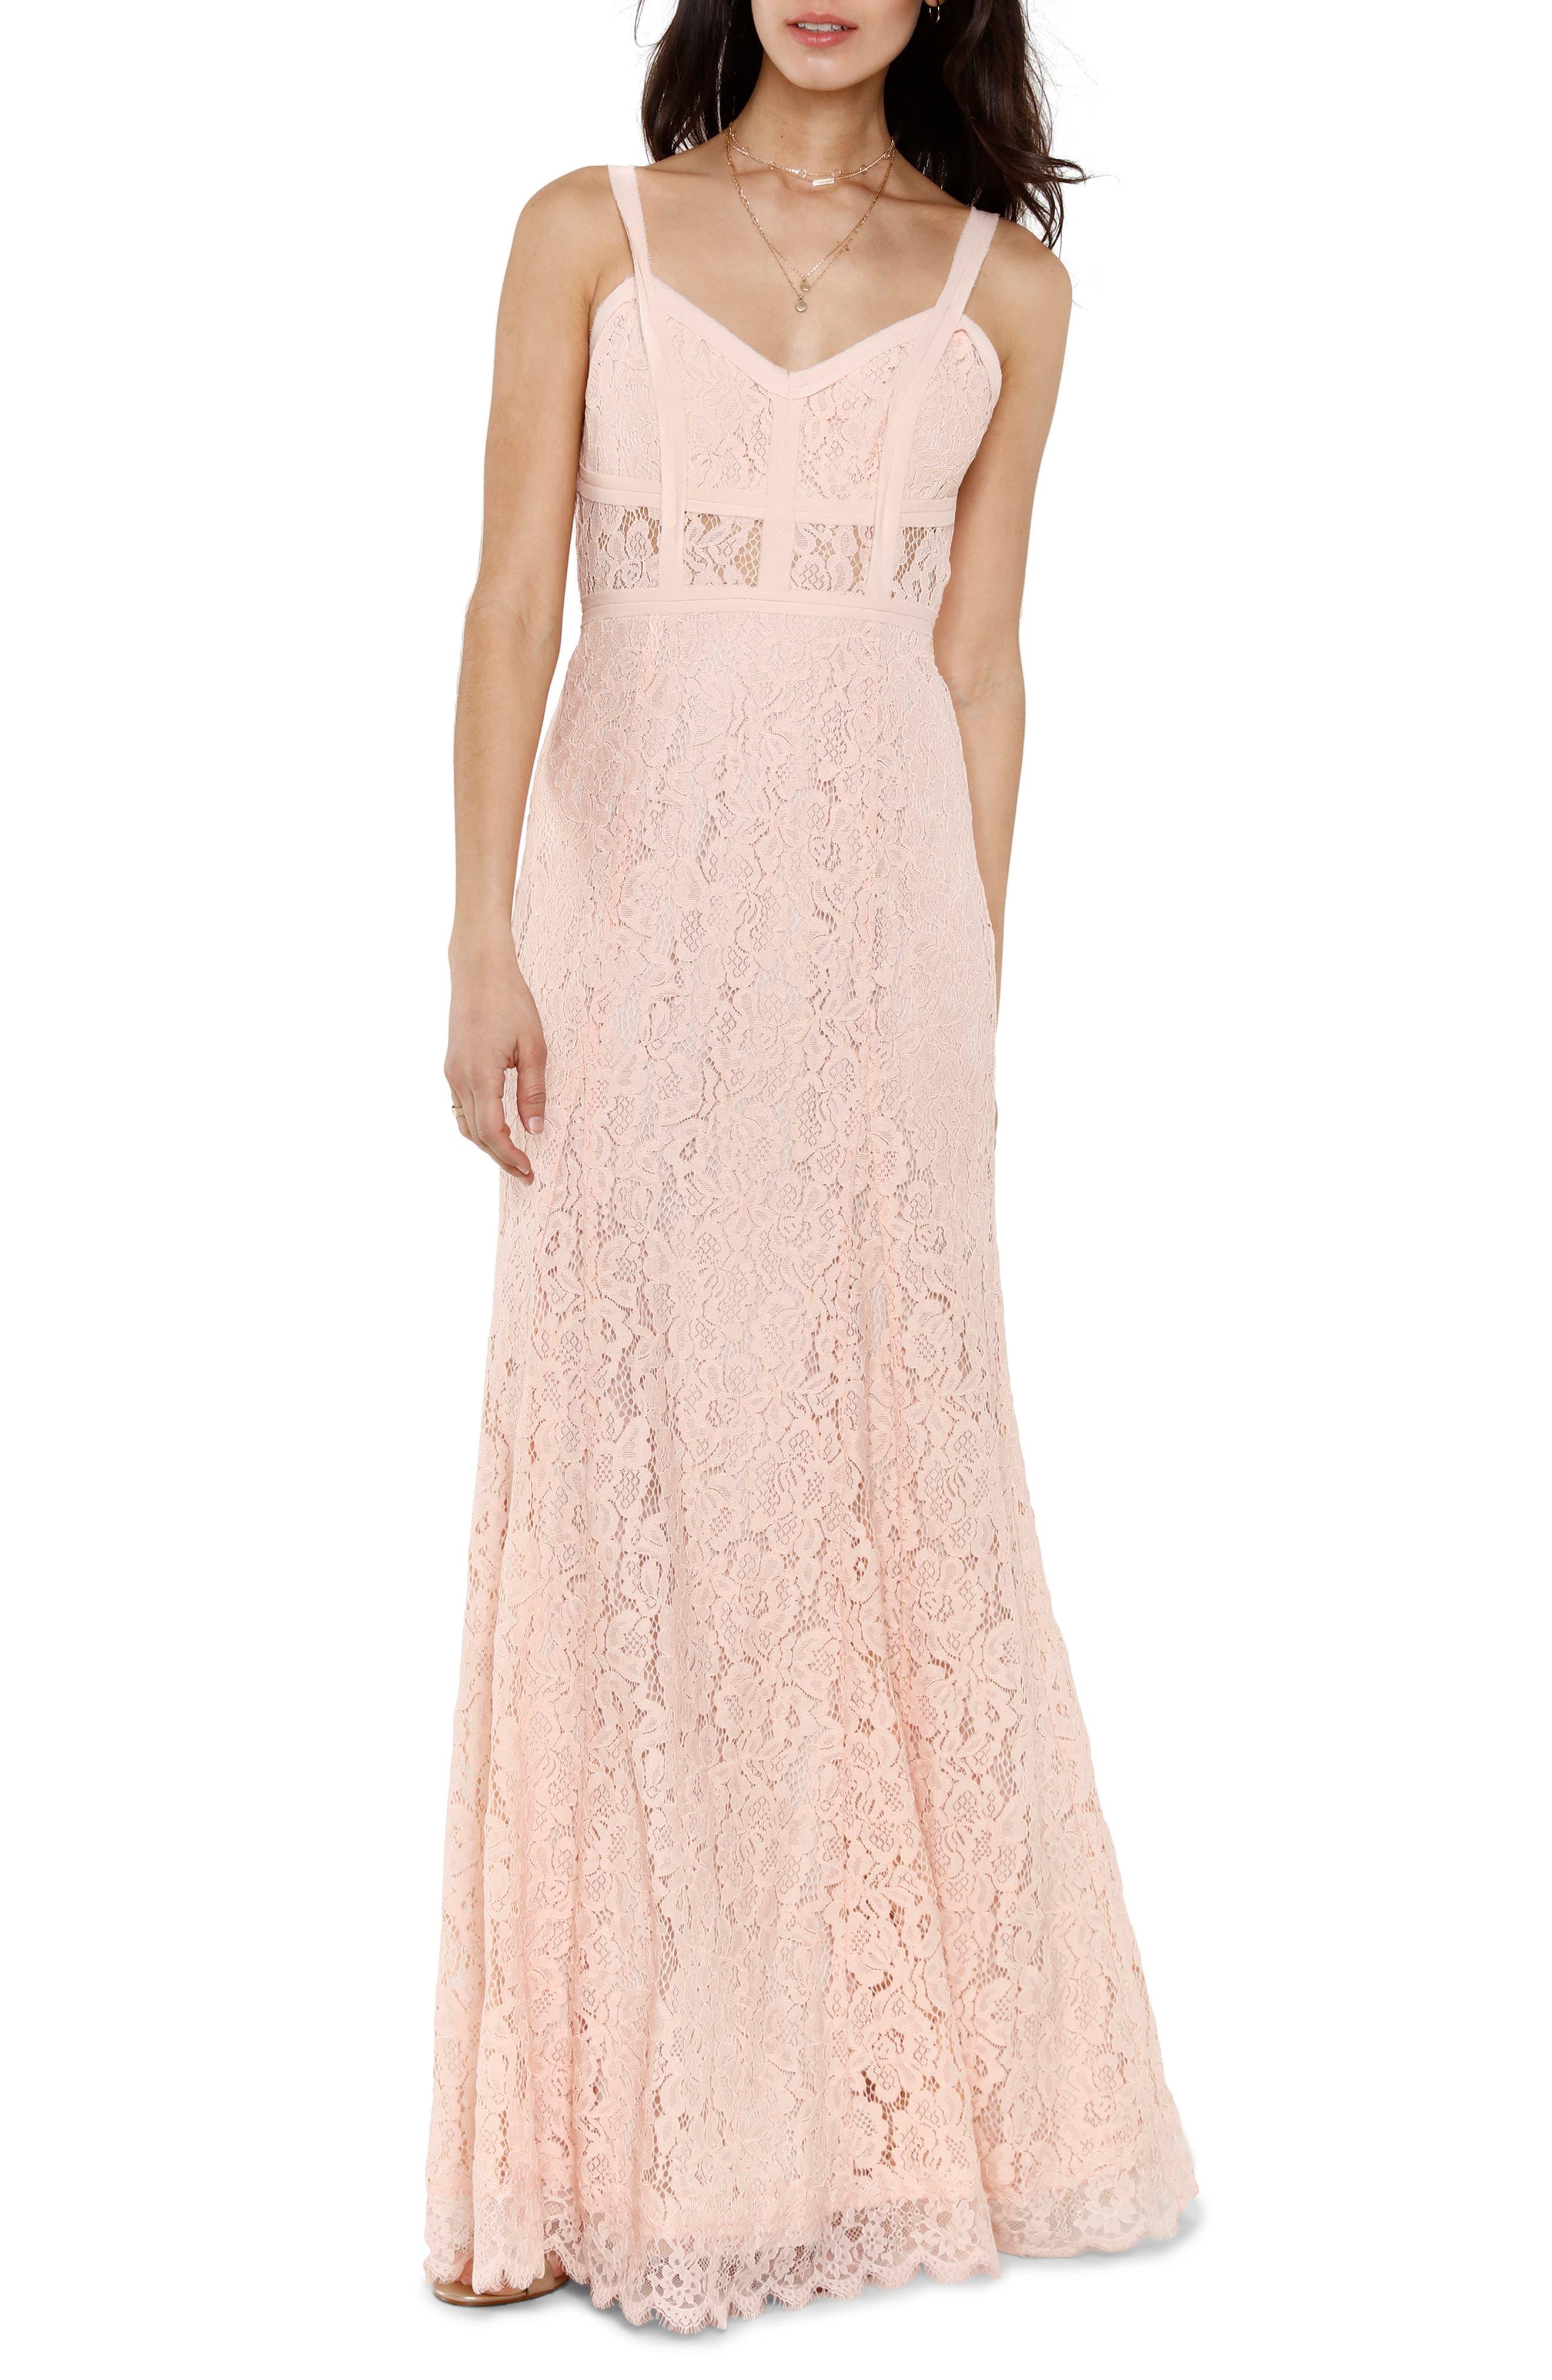 Esti Bustier Bodice Lace Gown,                         Main,                         color, BLUSH